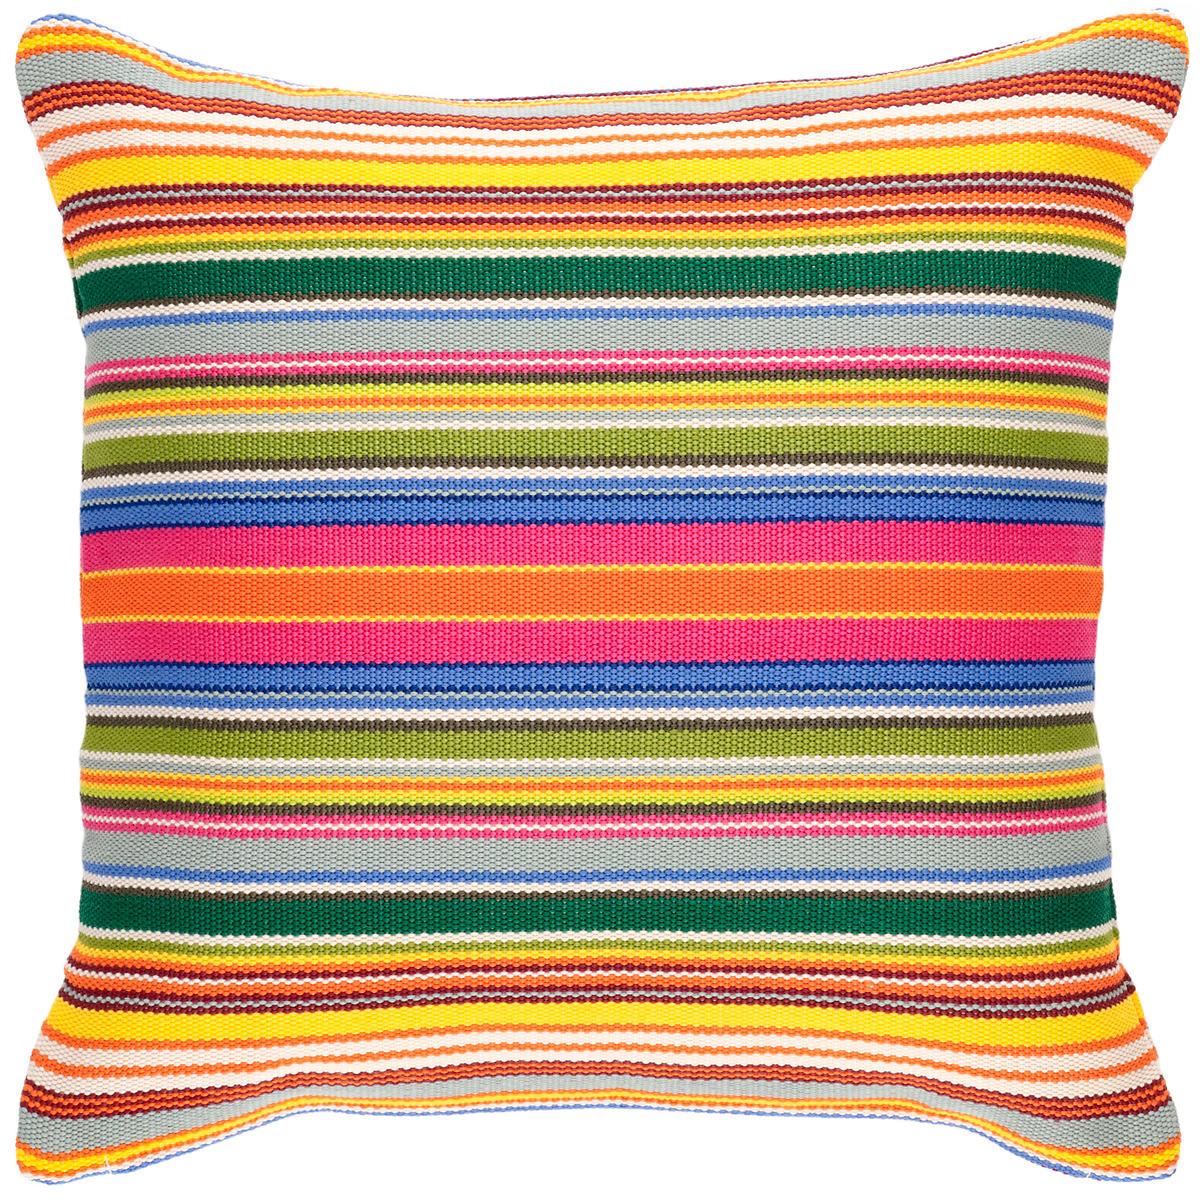 Tropical Stripe Indoor/Outdoor Decorative Pillow